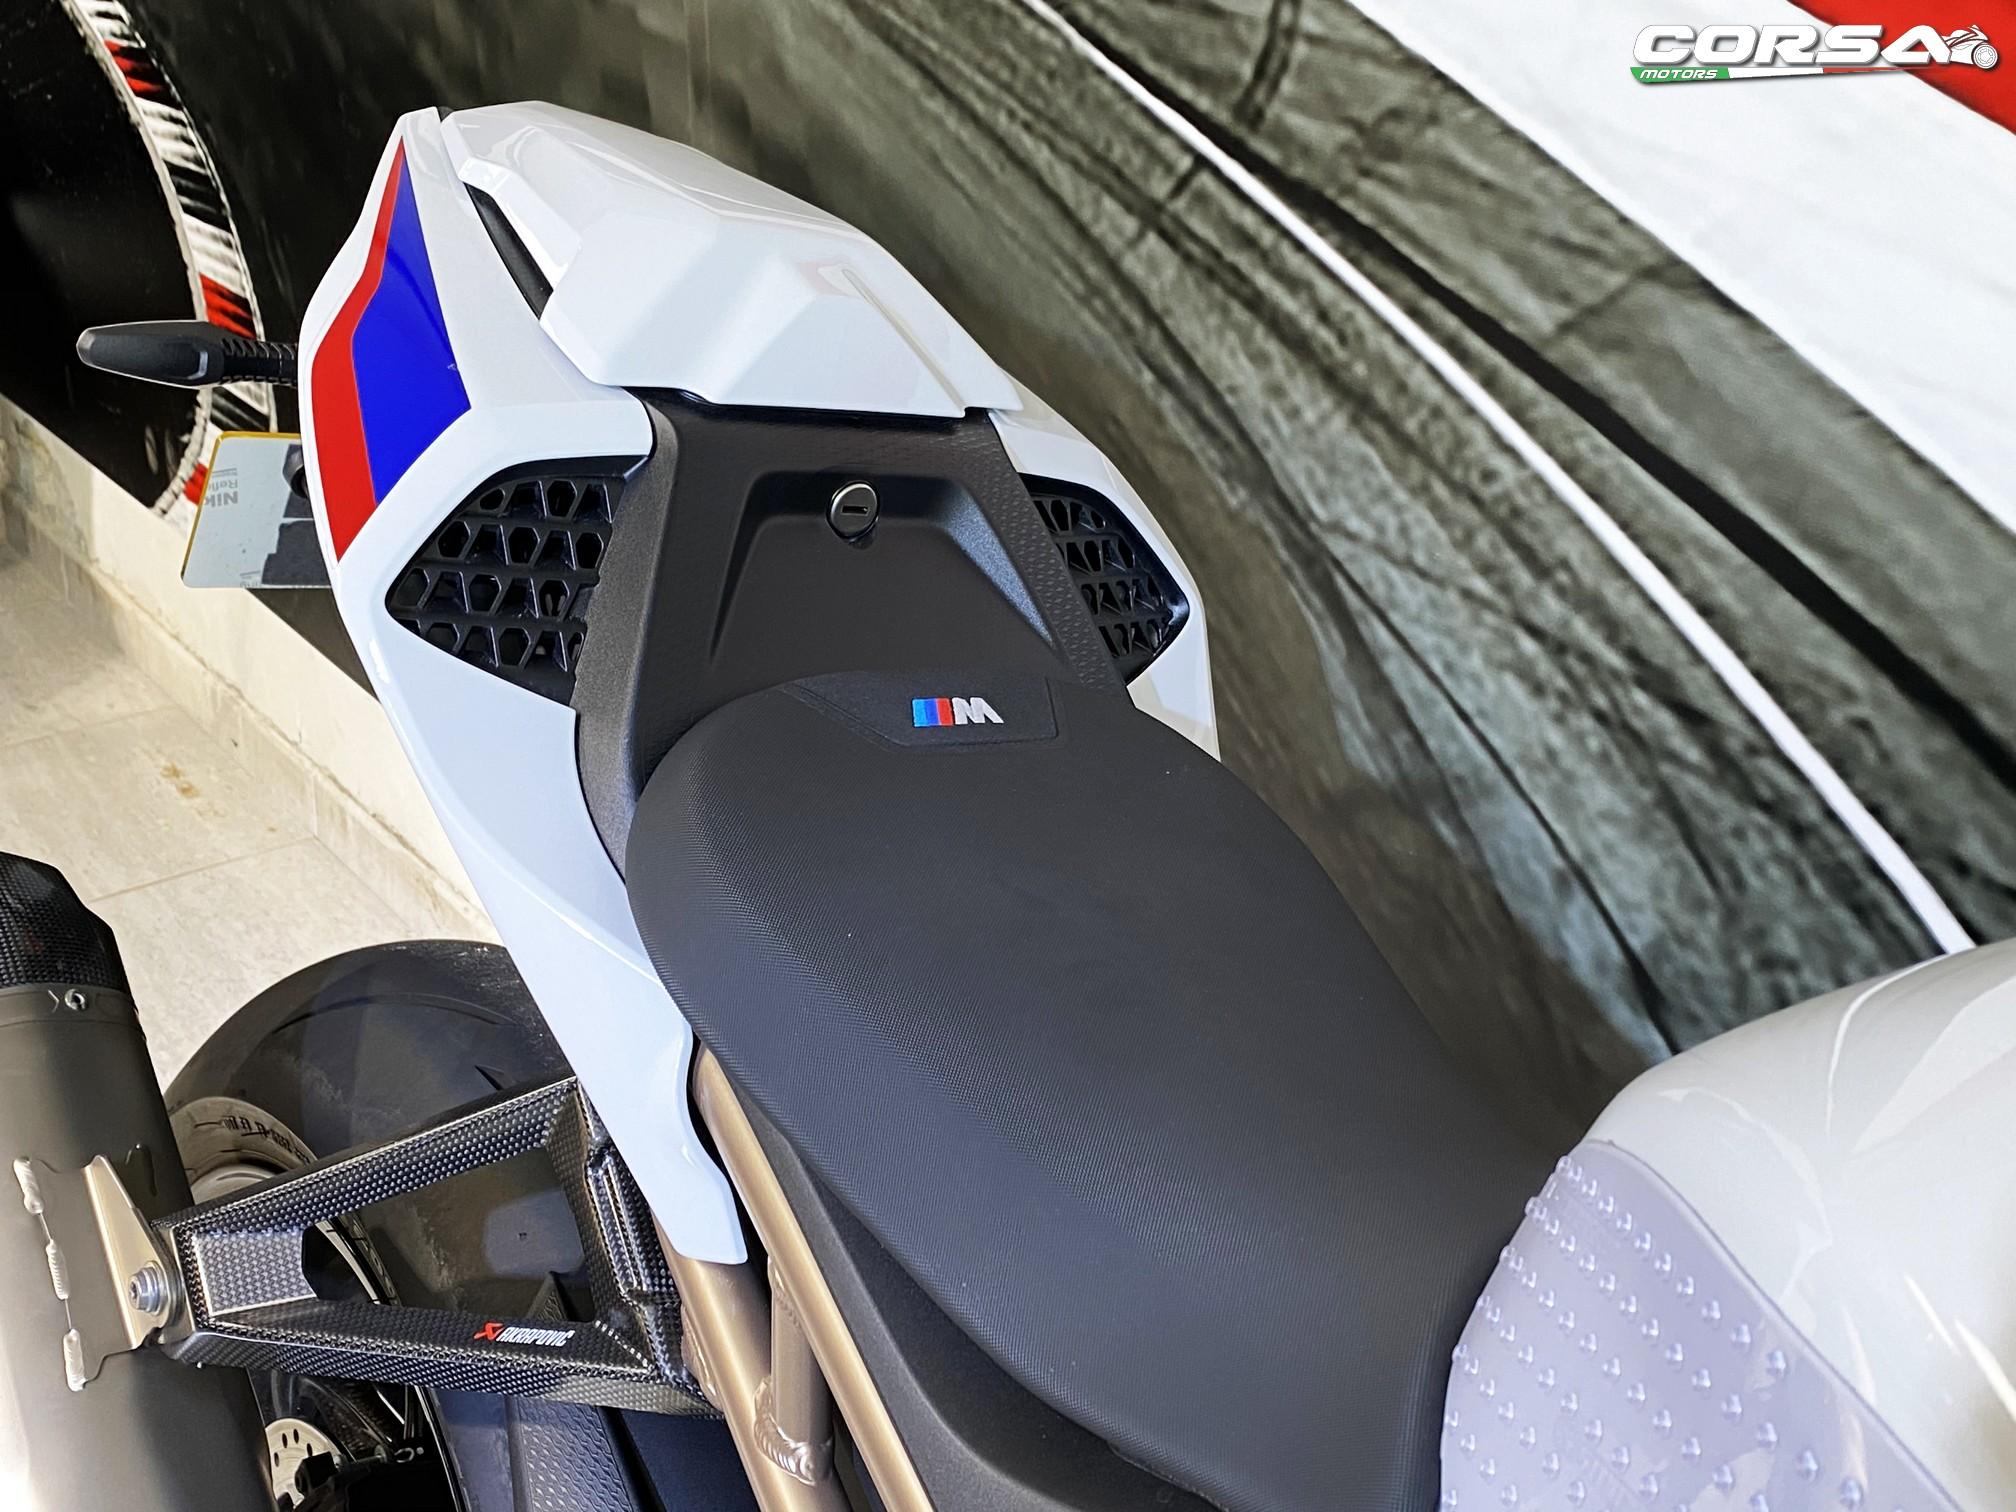 【Corsa Motors Limited】 BMW S1000RR 二手車 2019年 - 「Webike摩托車市」